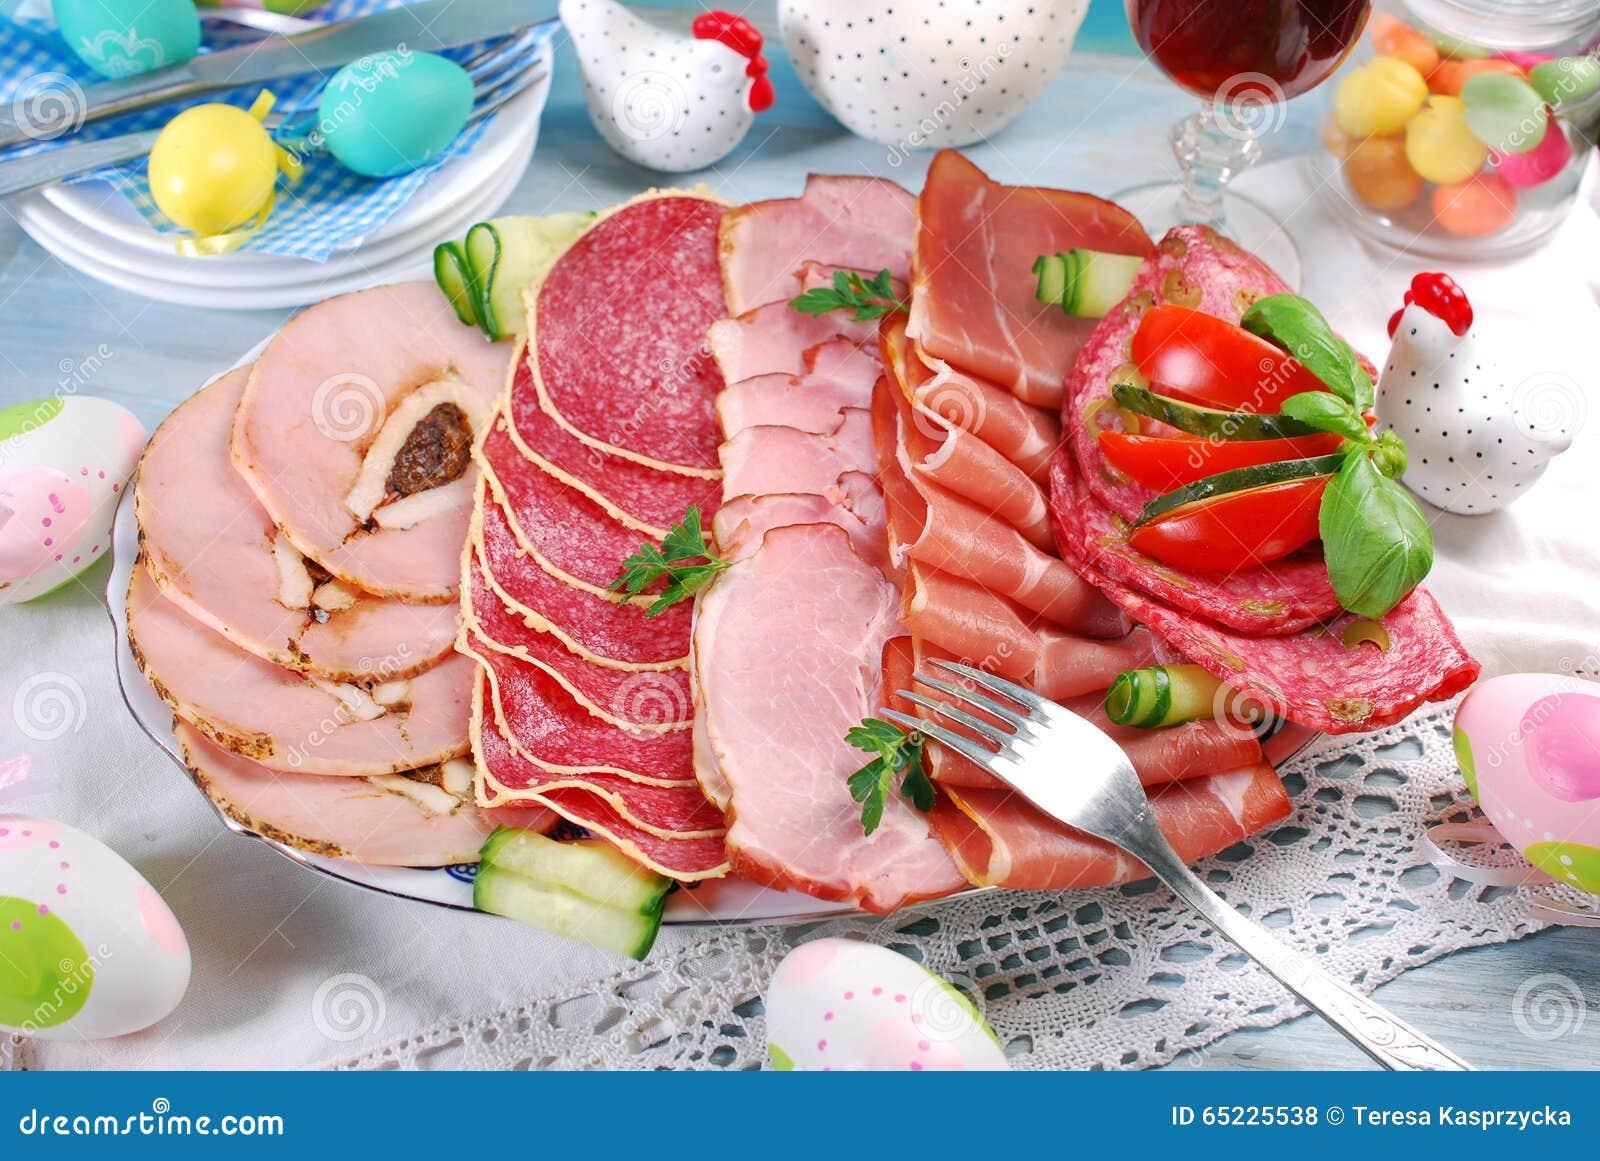 Półmisek mięso, baleron i salami na zjadacza stole leczący,